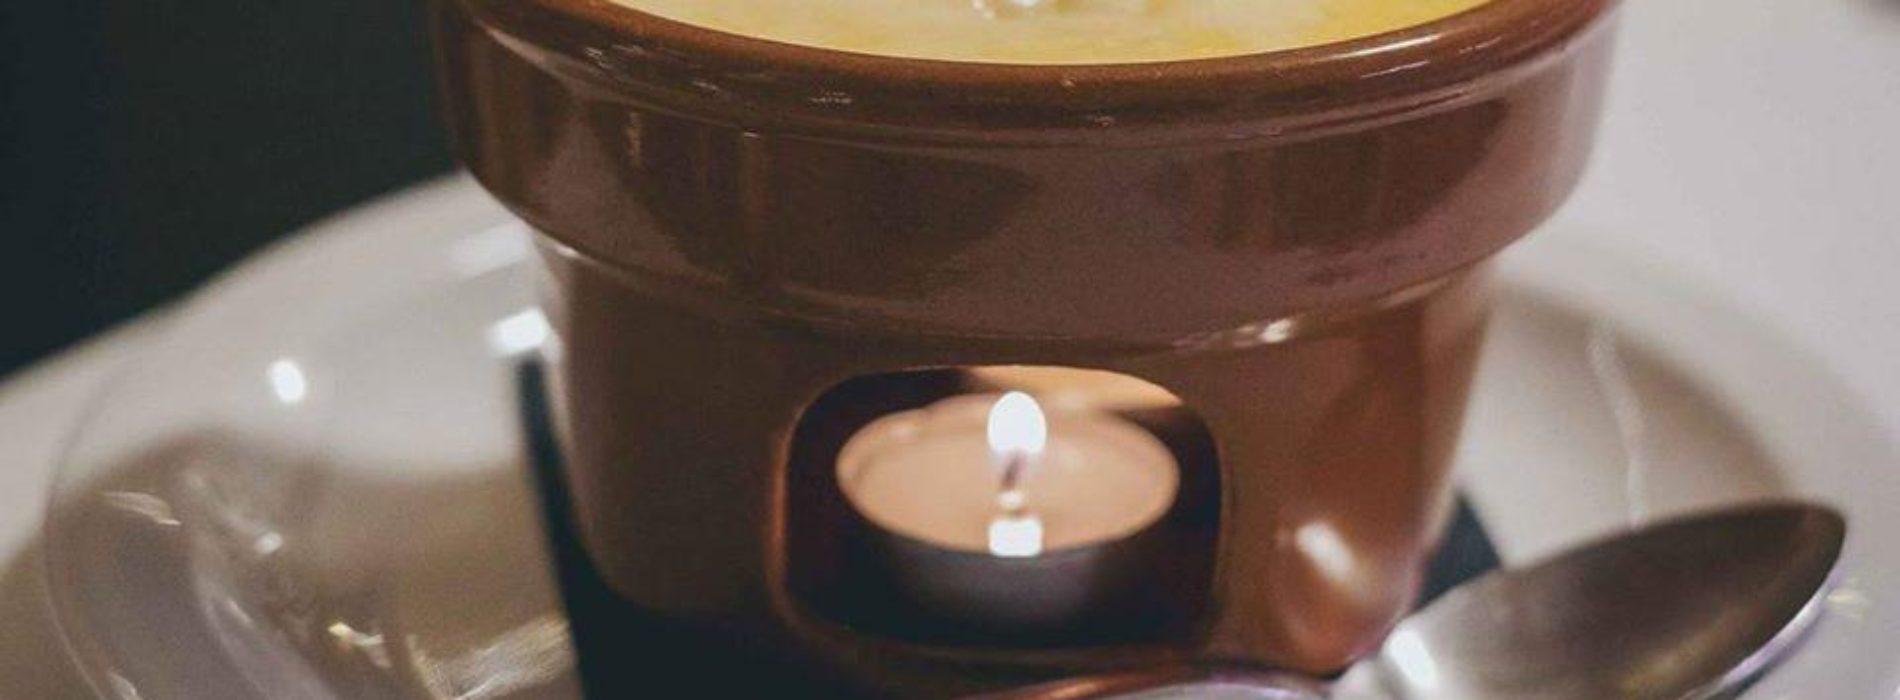 Fonduta Savoiarda, come farla in casa con la ricetta di Giuseppe Giovale di Beppe e i suoi formaggi